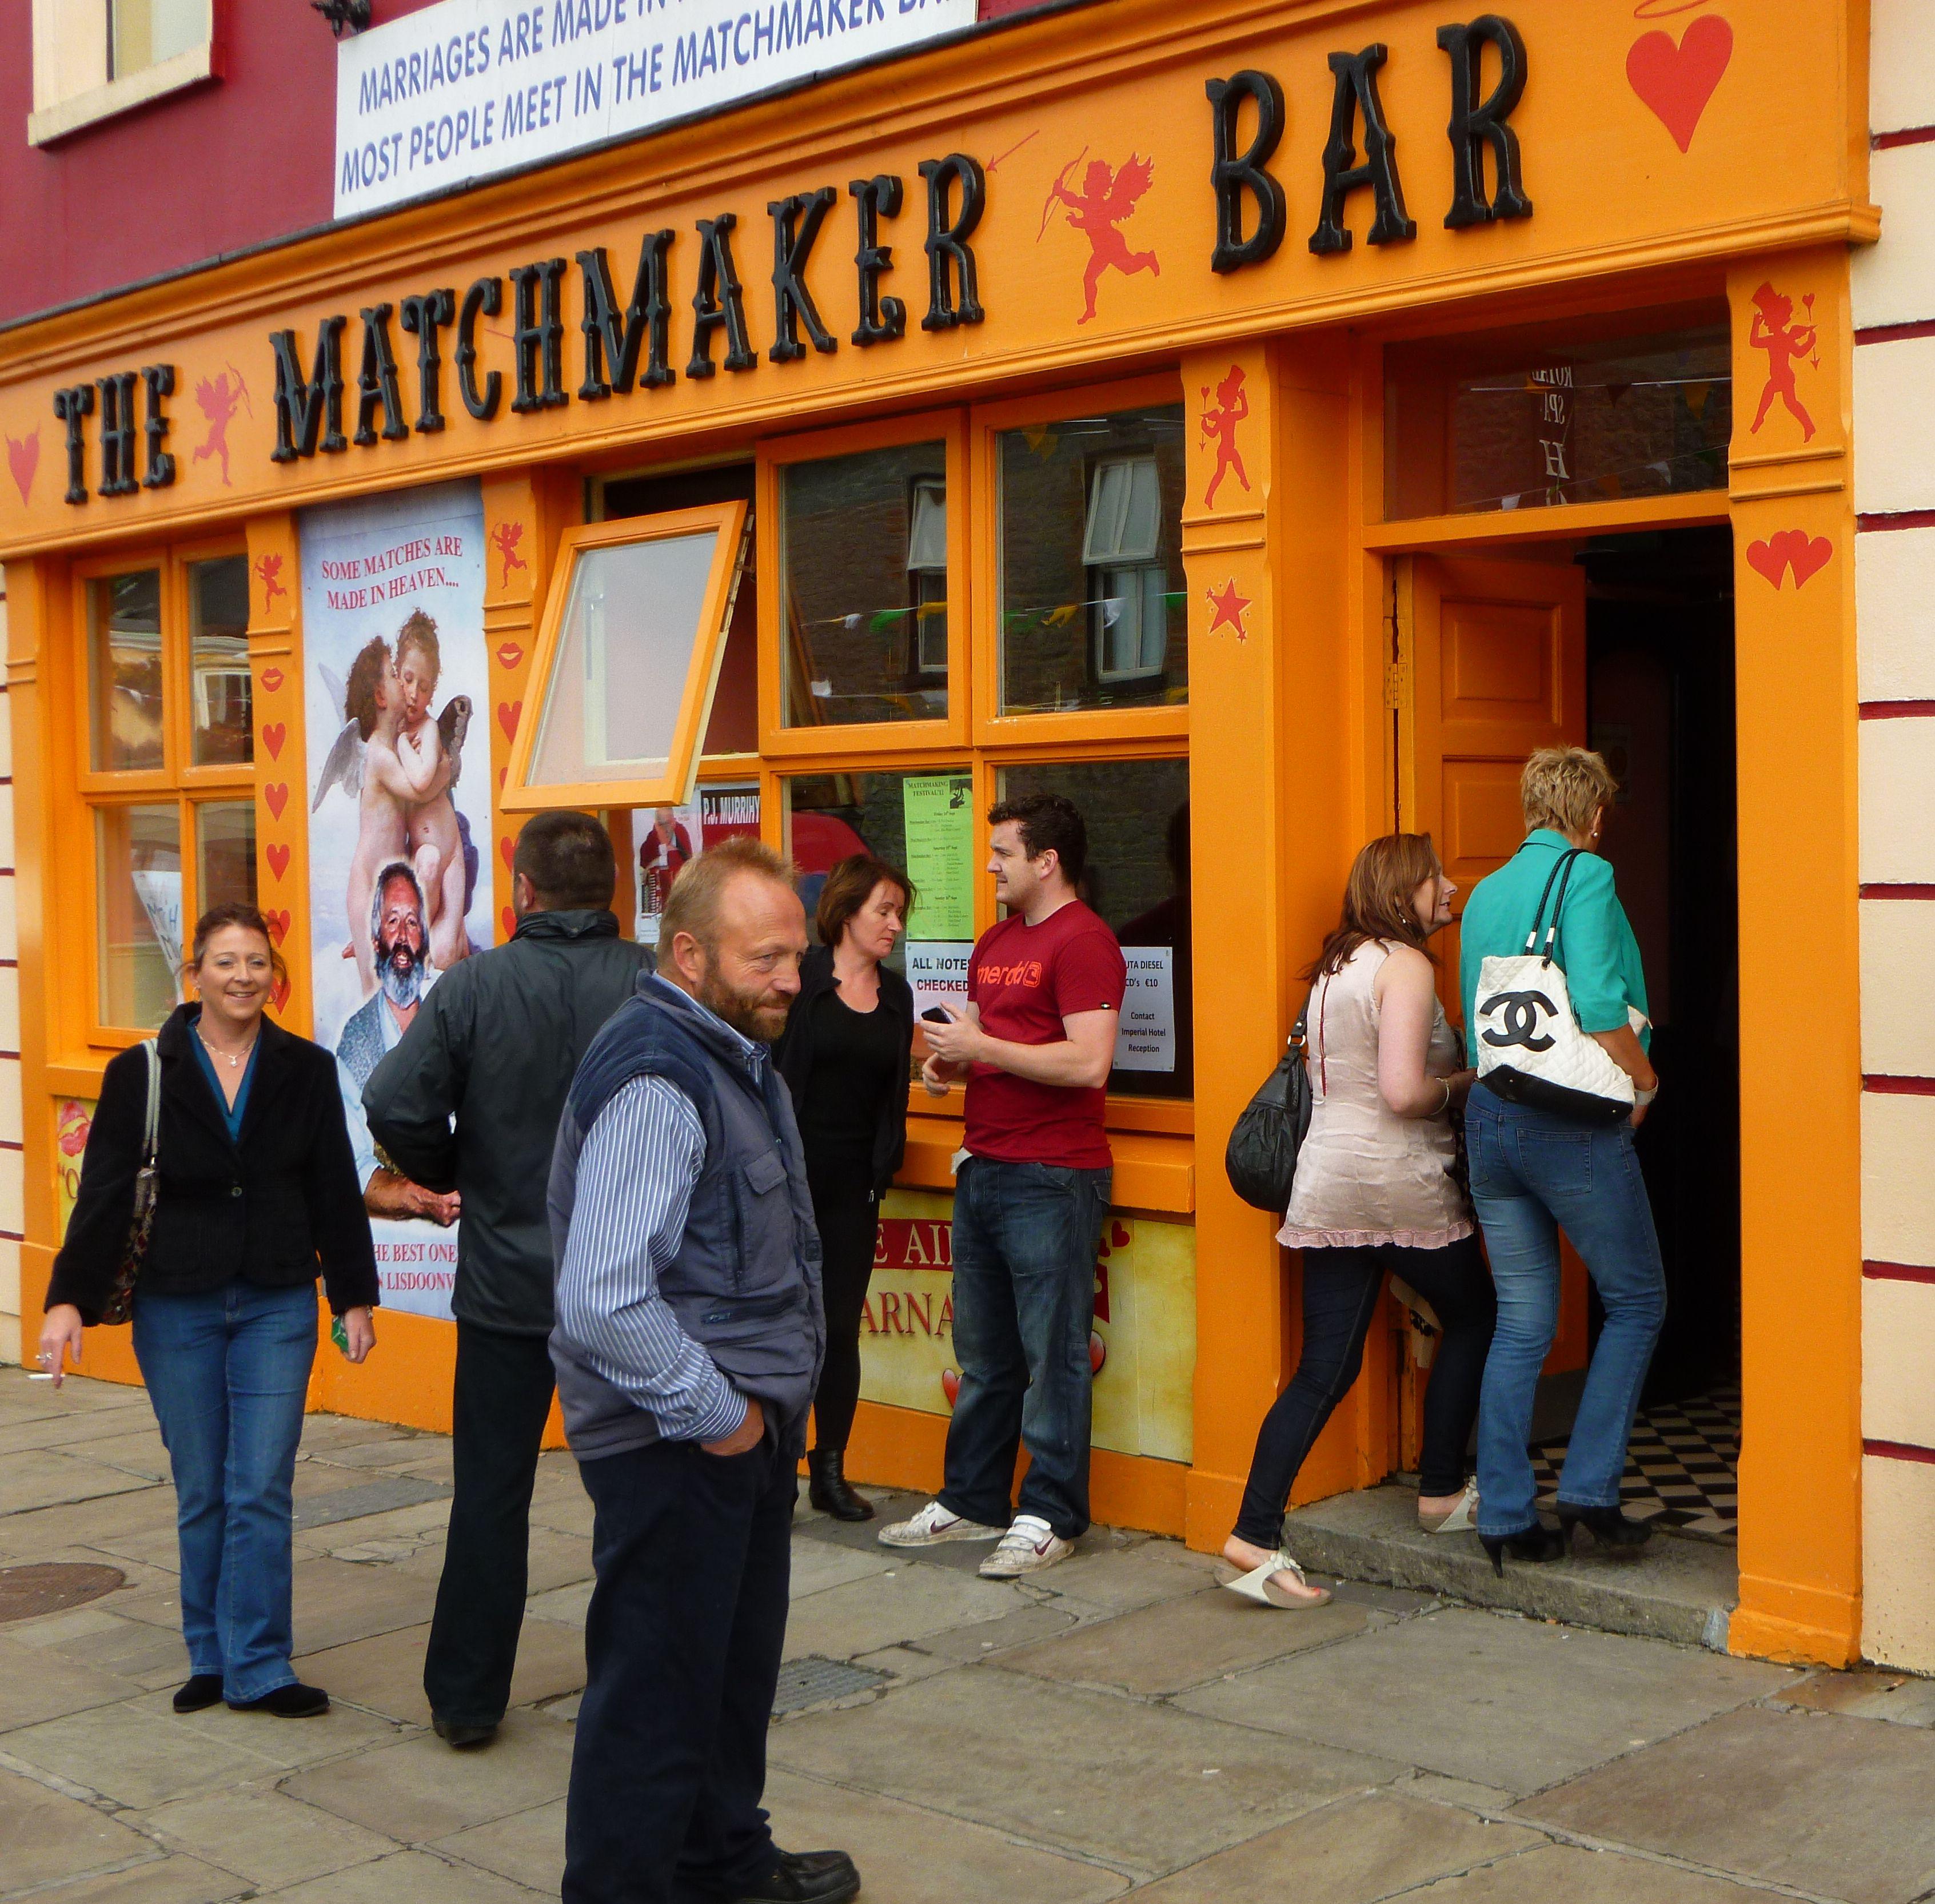 Services de matchmaking irlandais